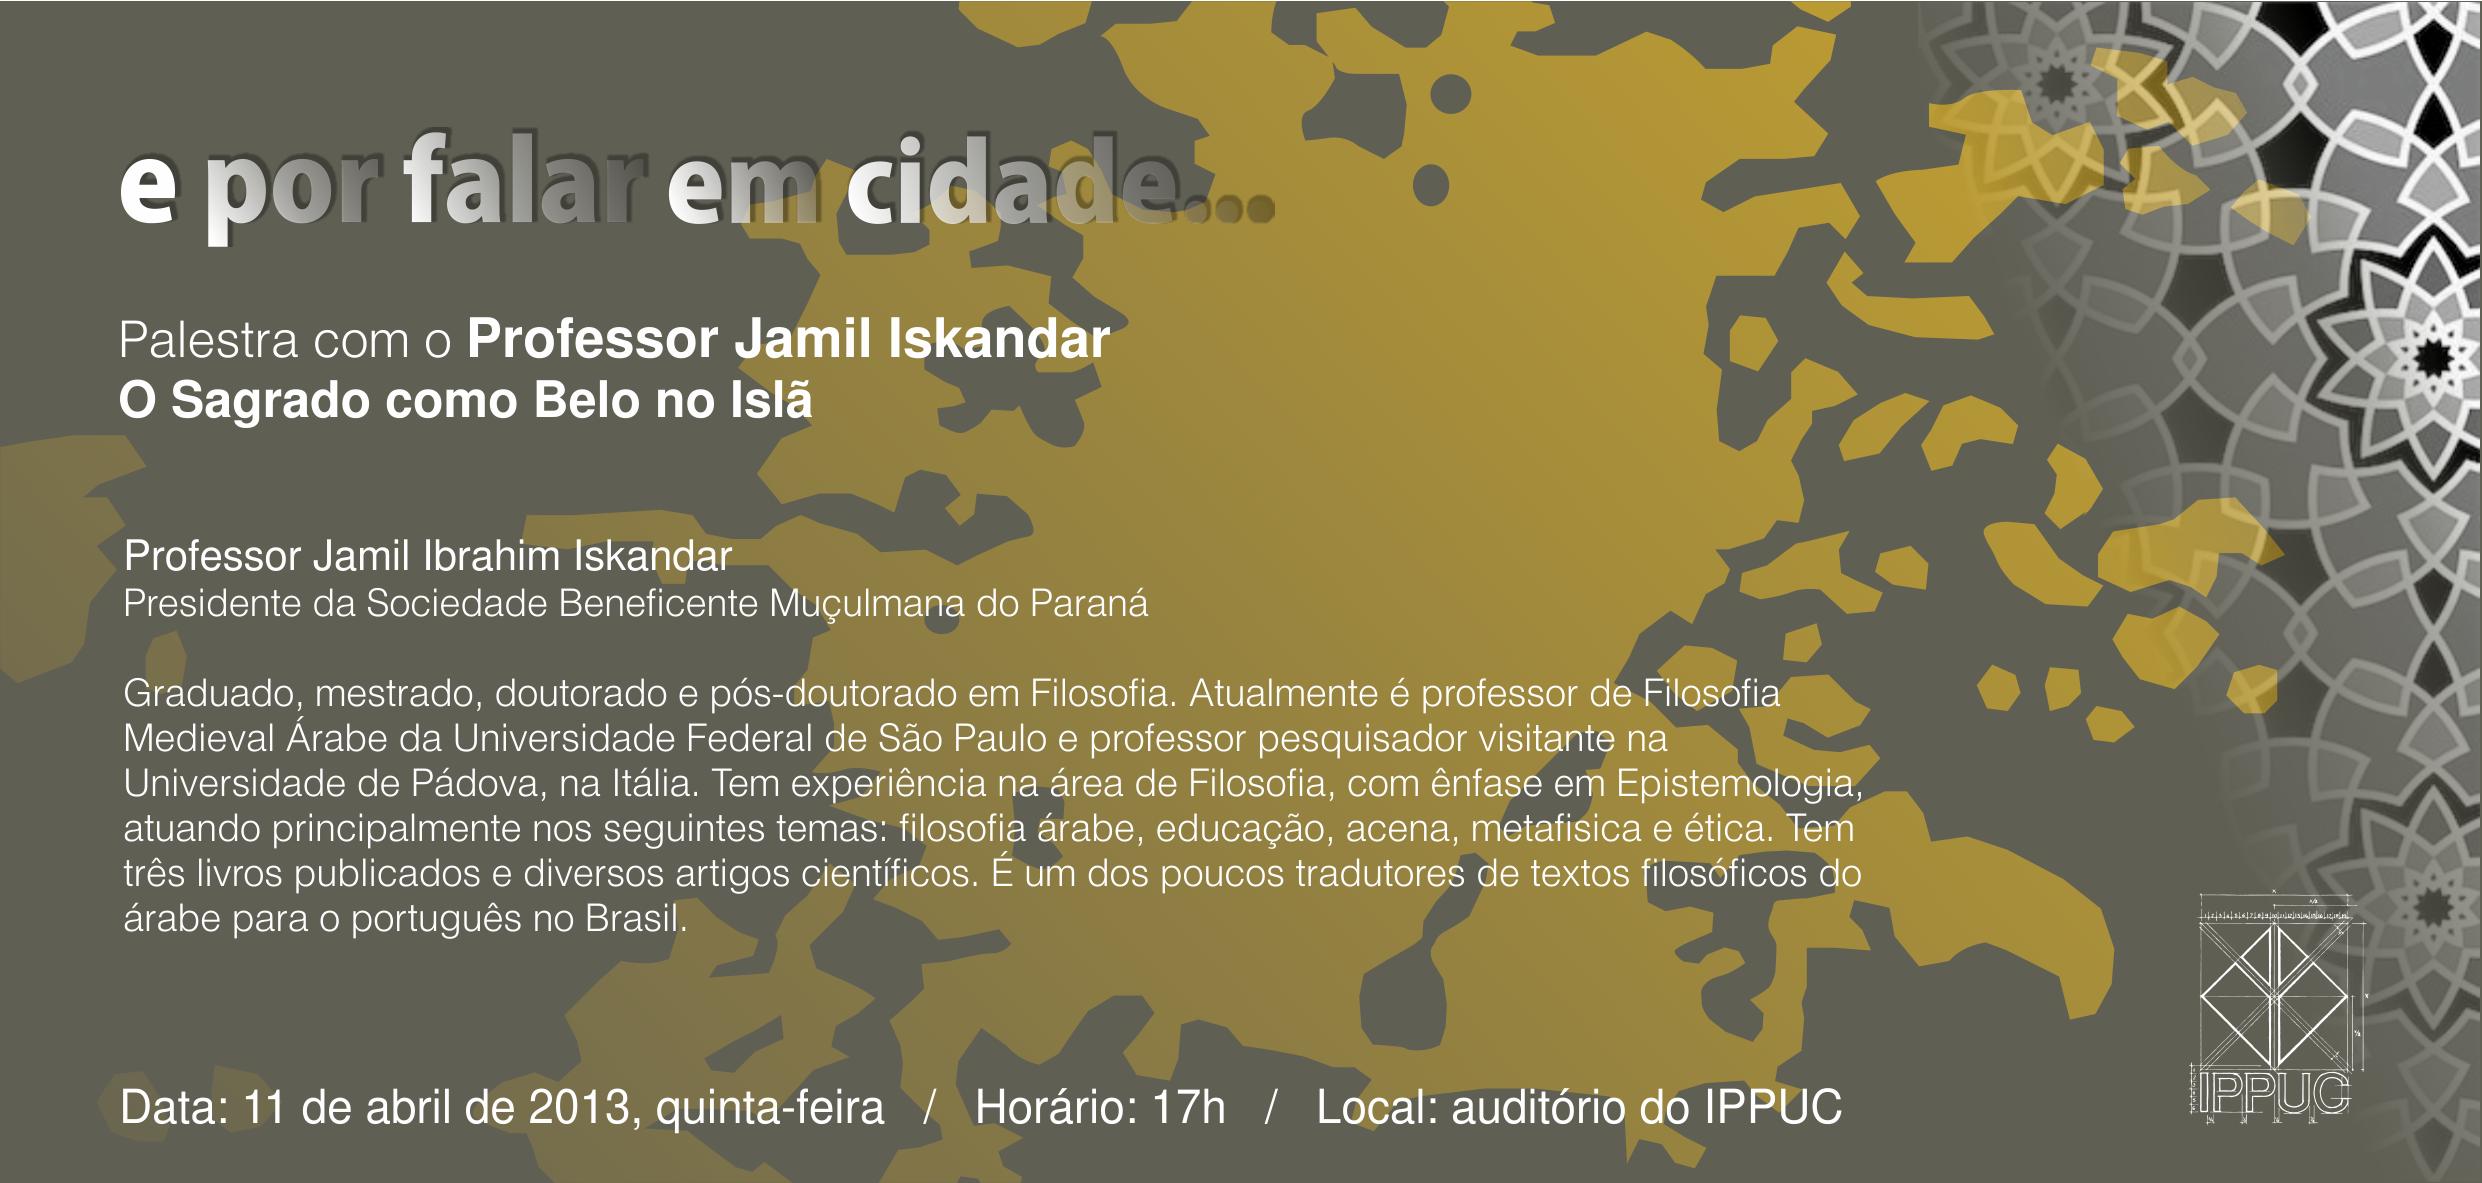 11 04 2013 - Convite